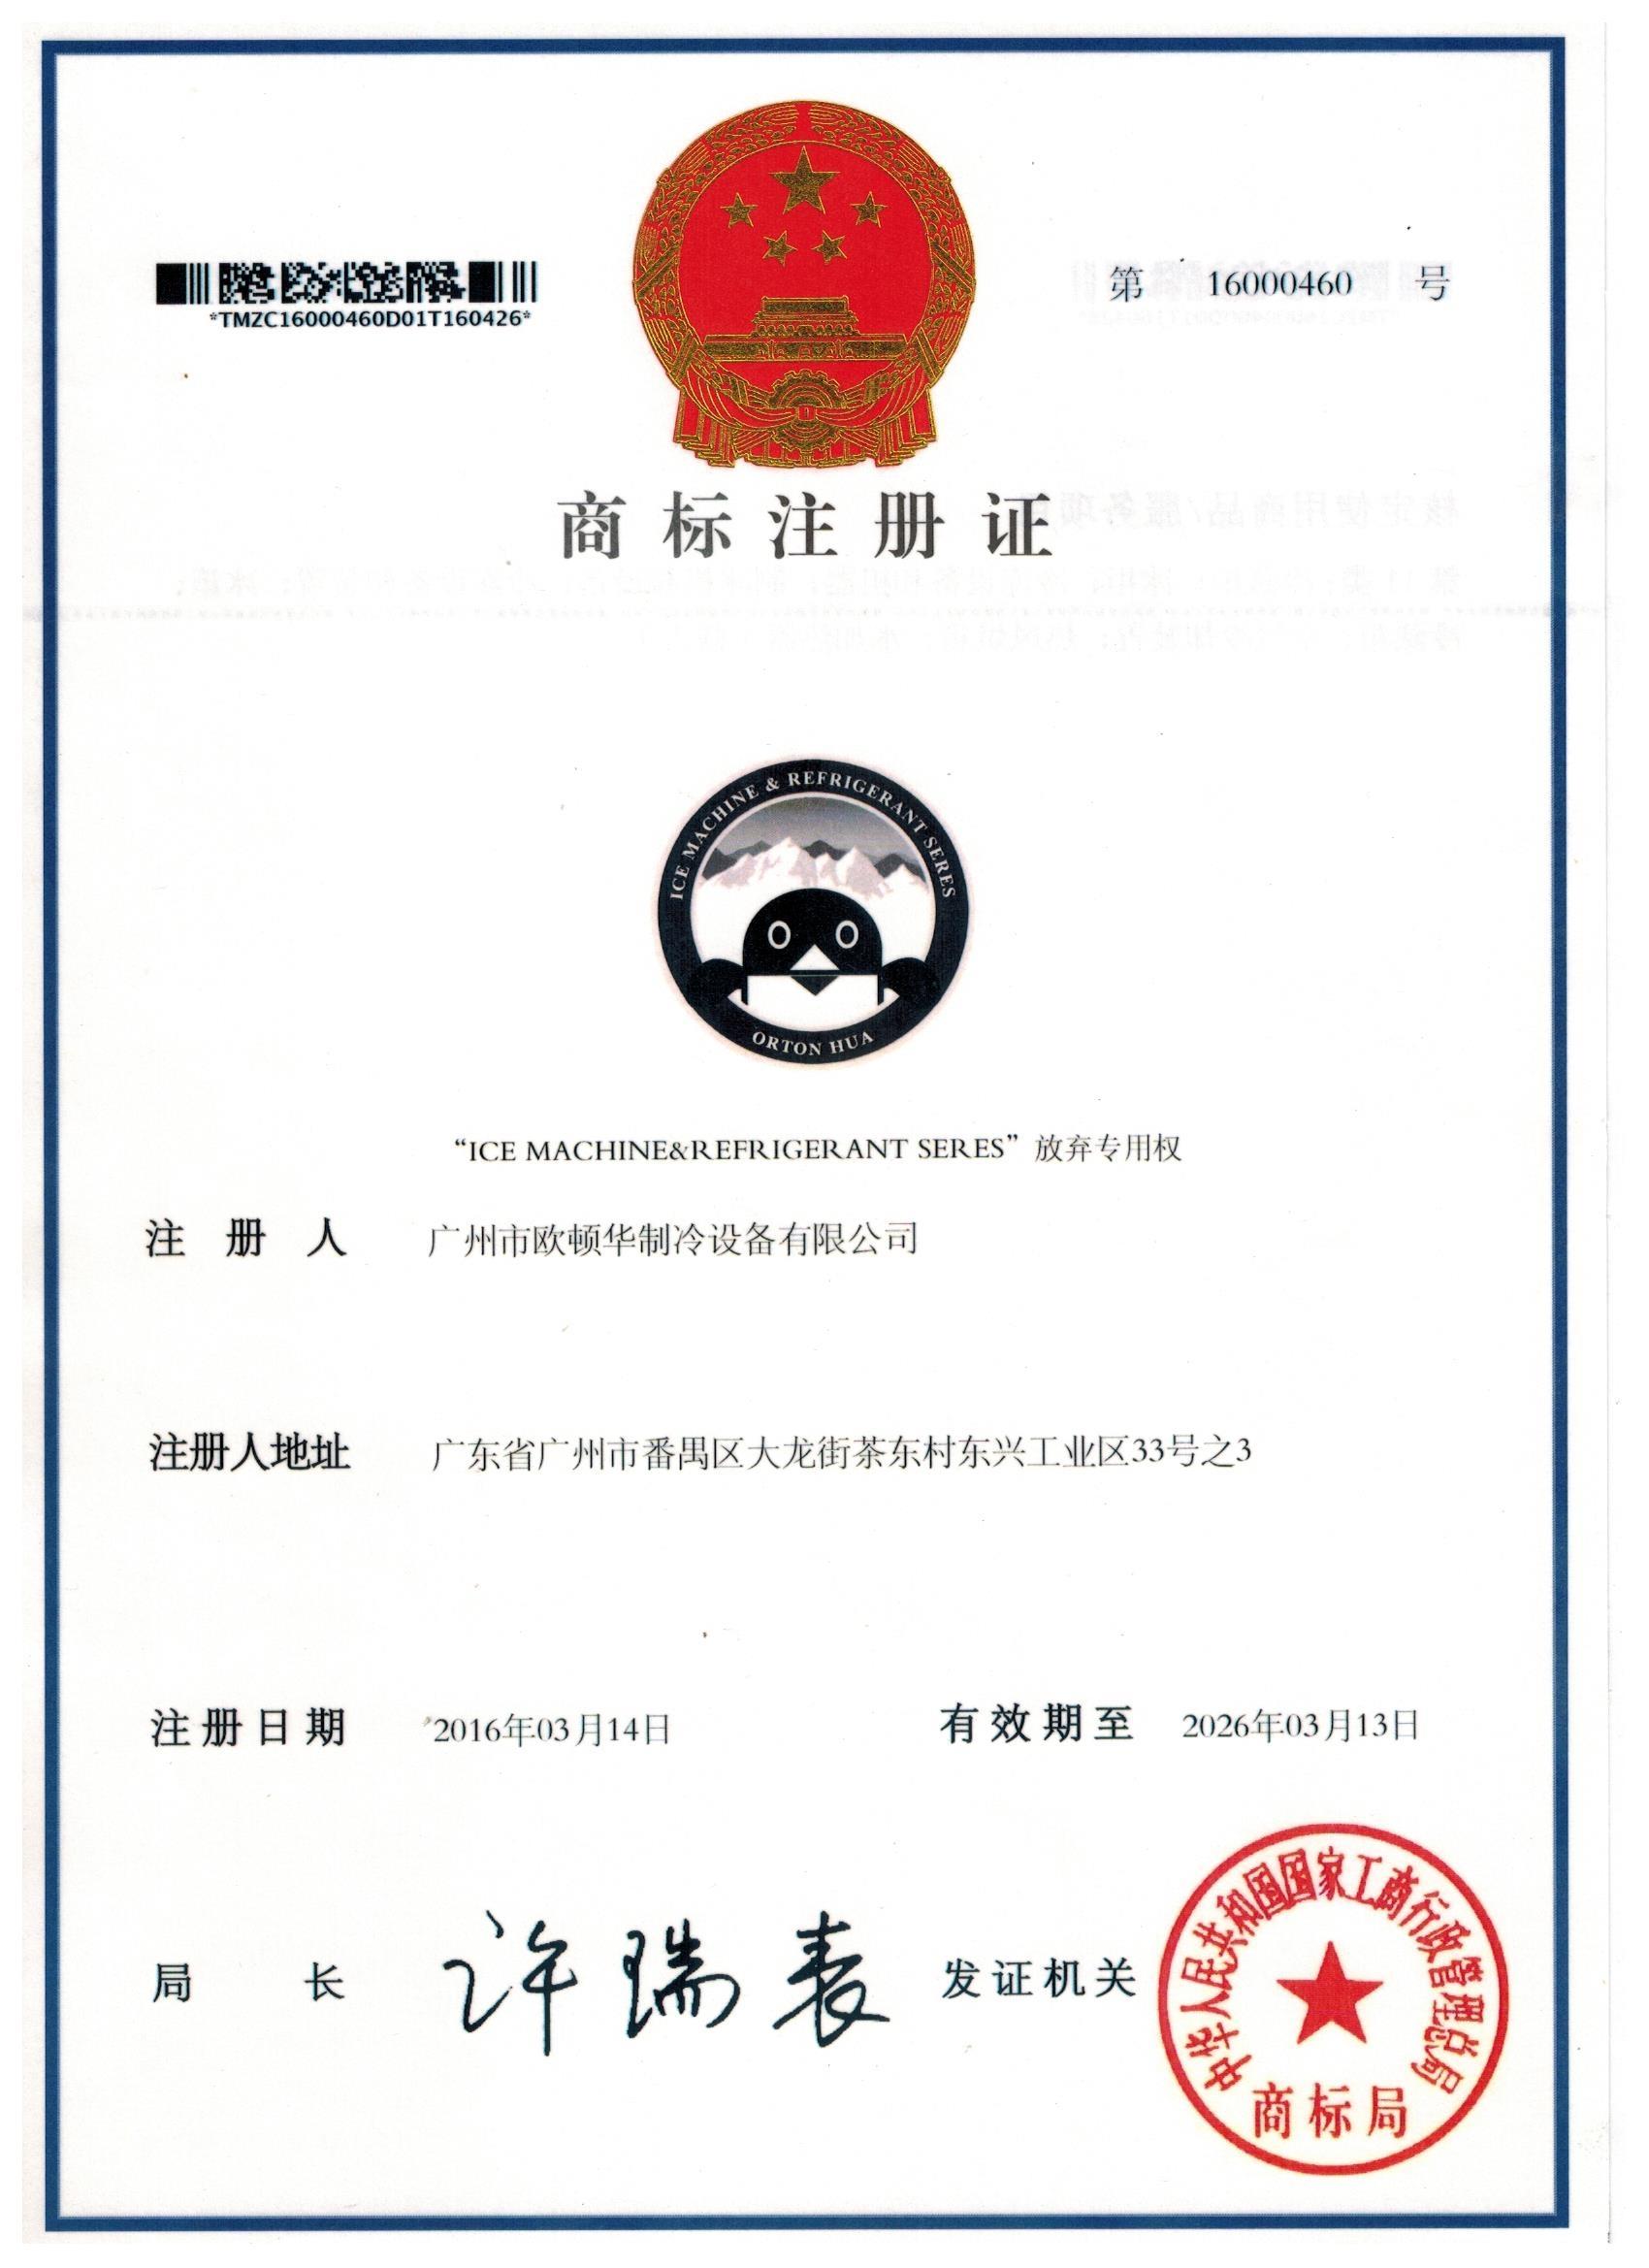 欧顿华注册商标证书